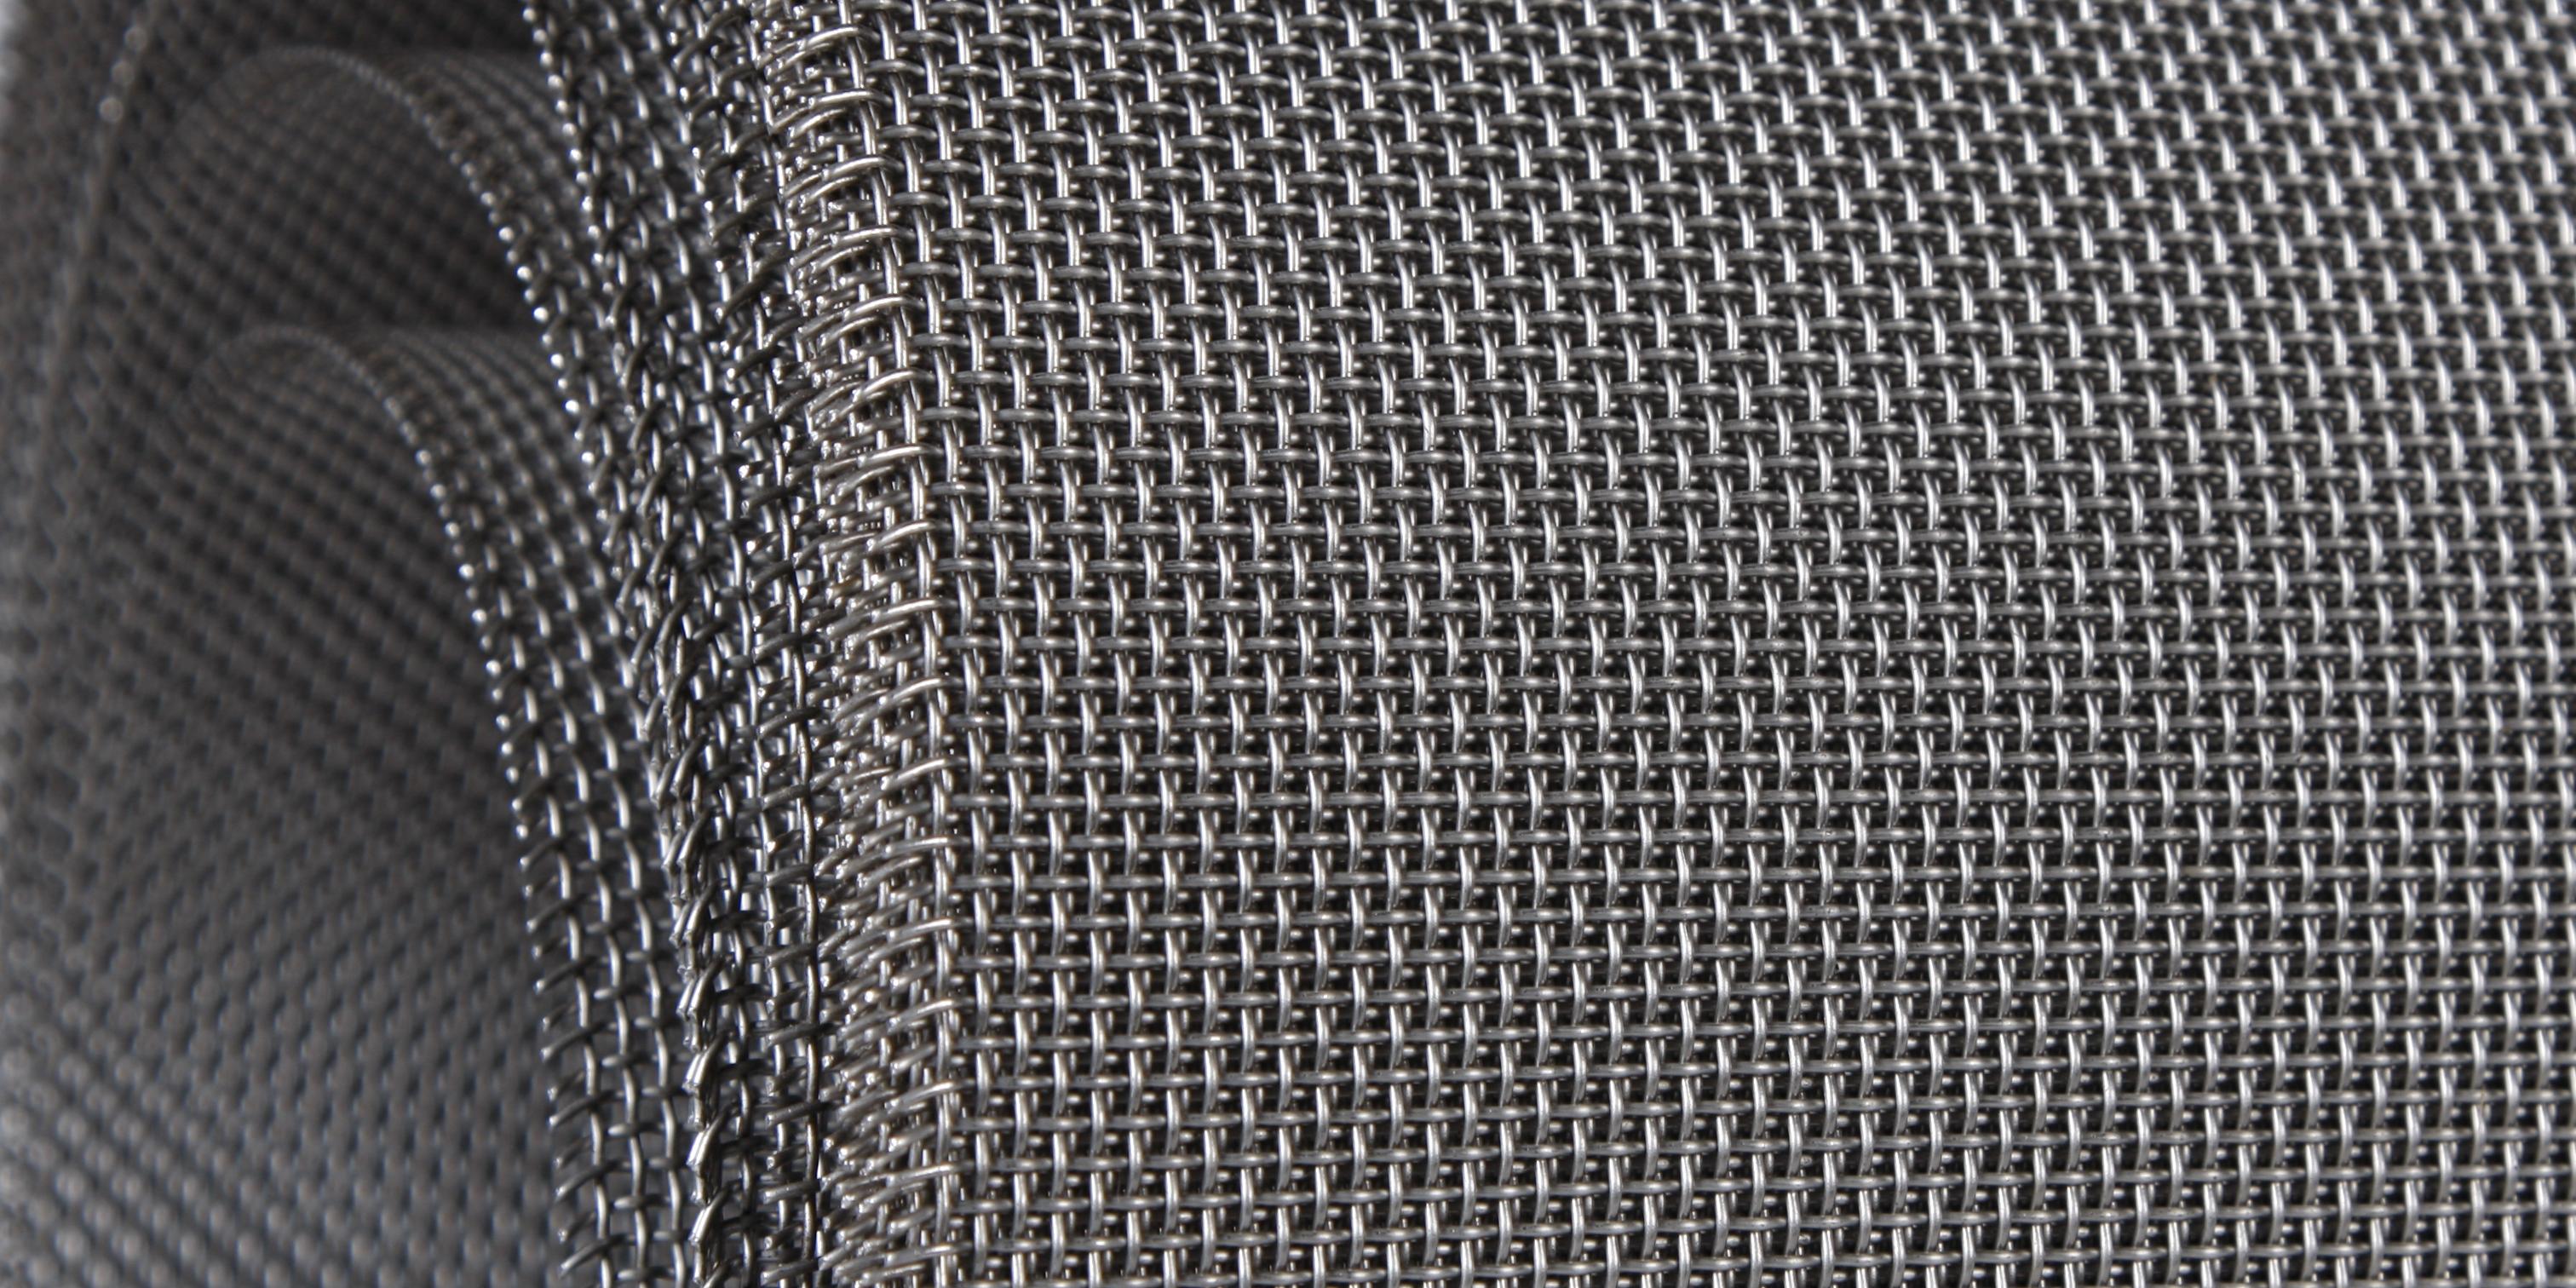 stainless-steel-bush-fire-mesh.jpg